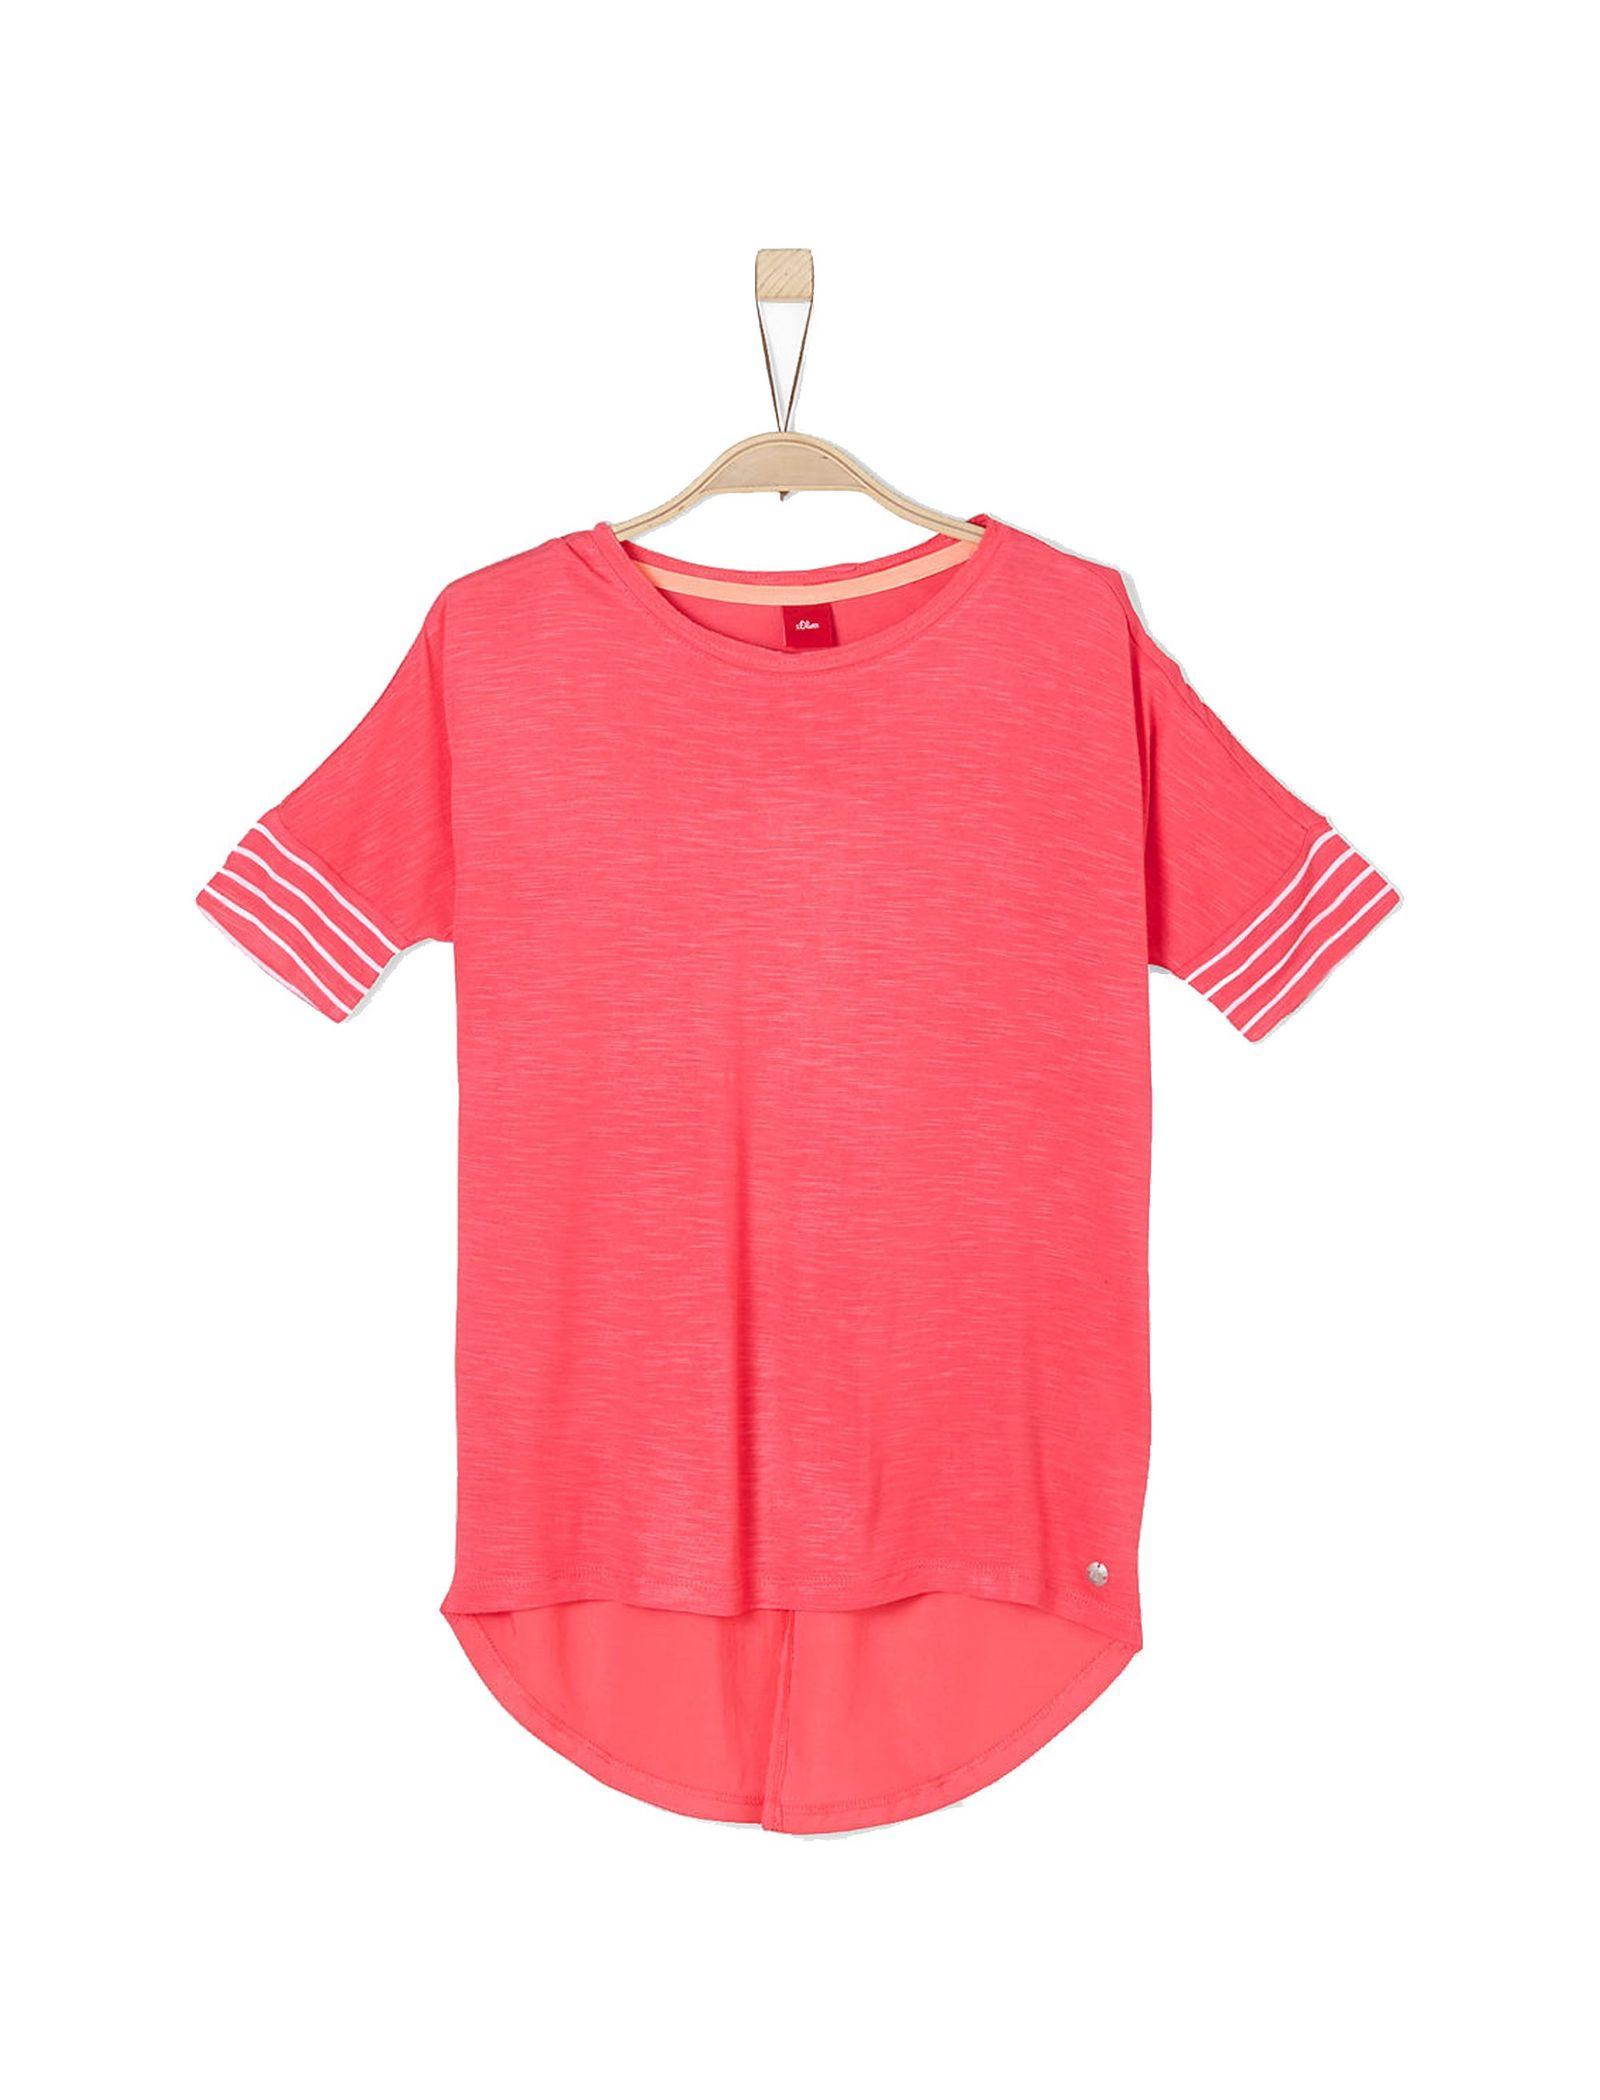 تی شرت ویسکوز یقه گرد دخترانه - اس.اولیور - صورتي - 1